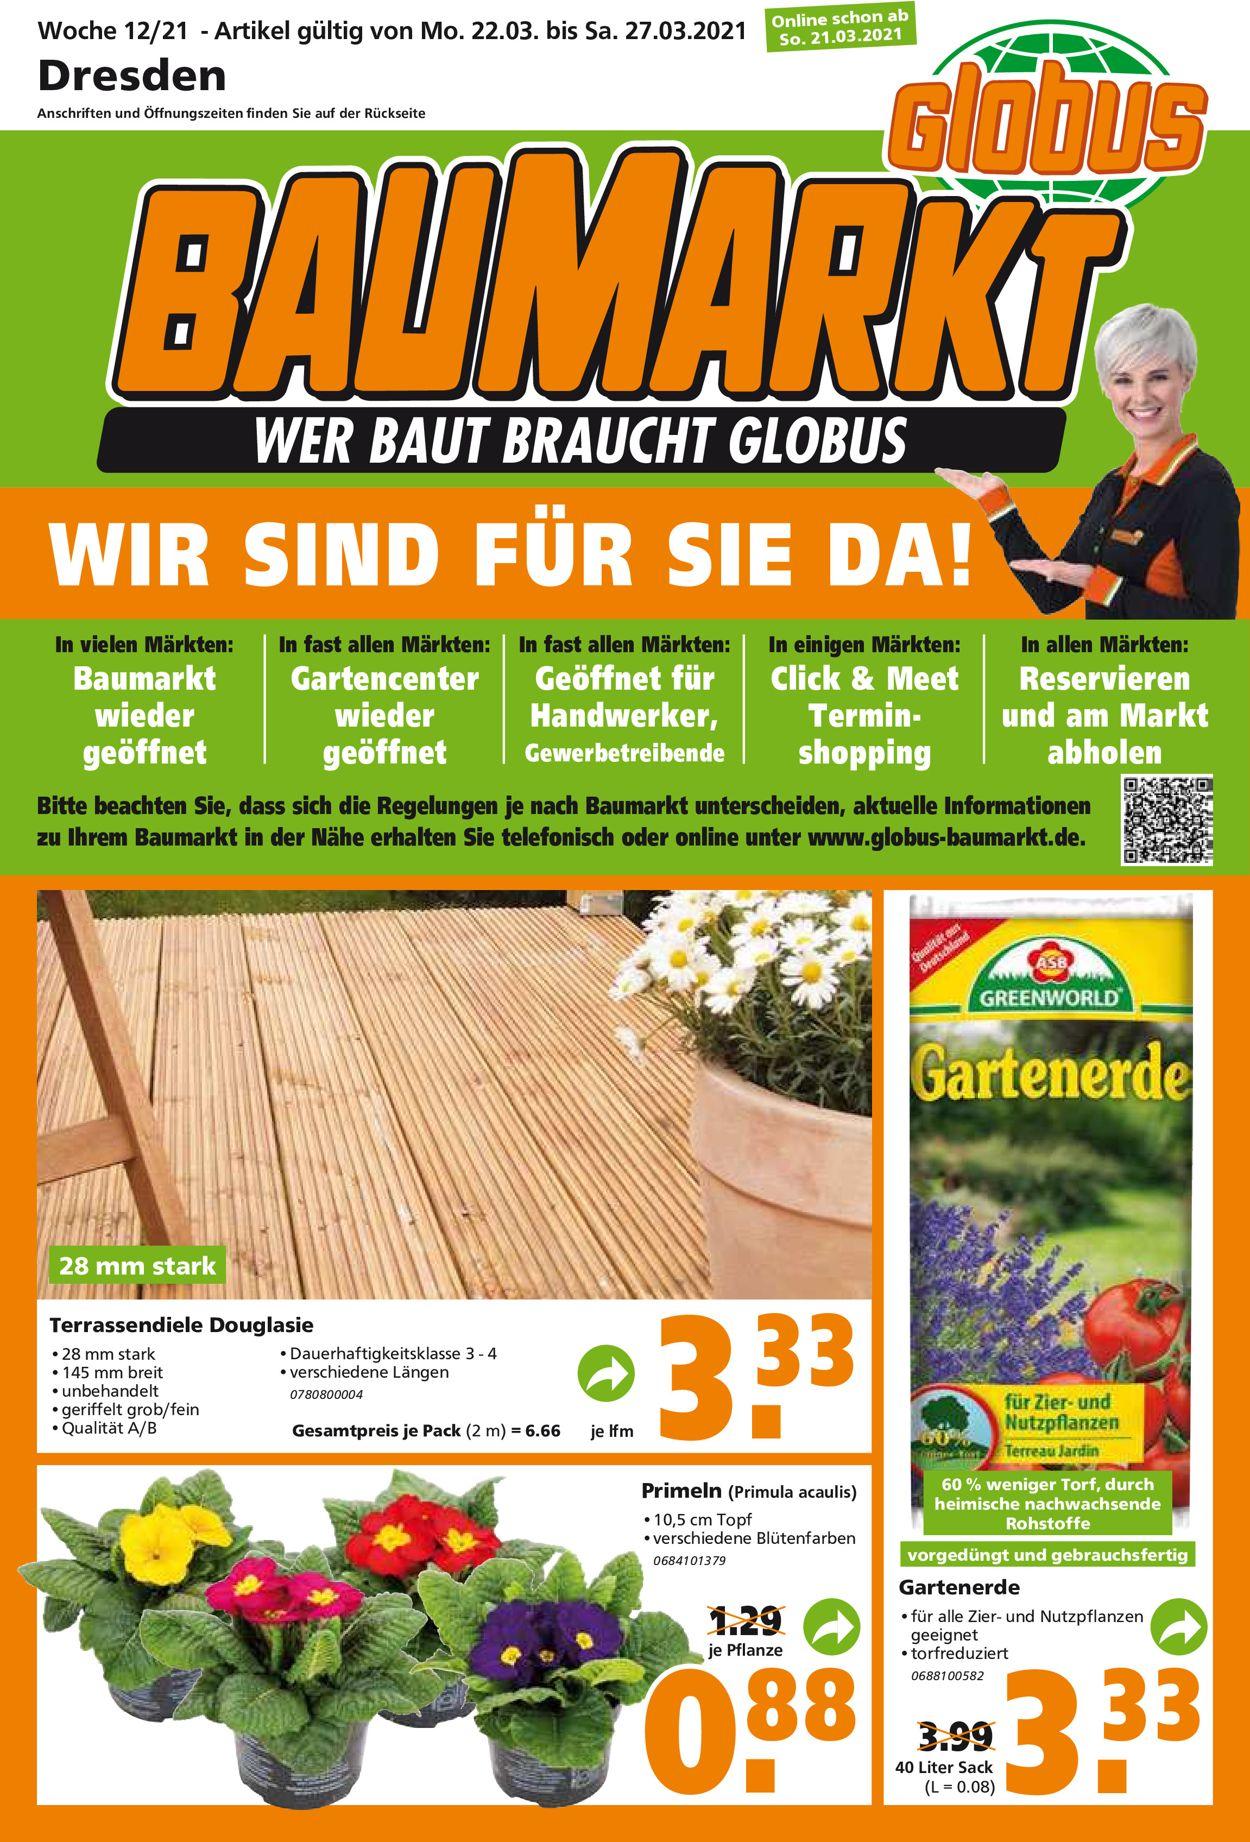 Globus Baumarkt Prospekt - Aktuell vom 22.03-27.03.2021